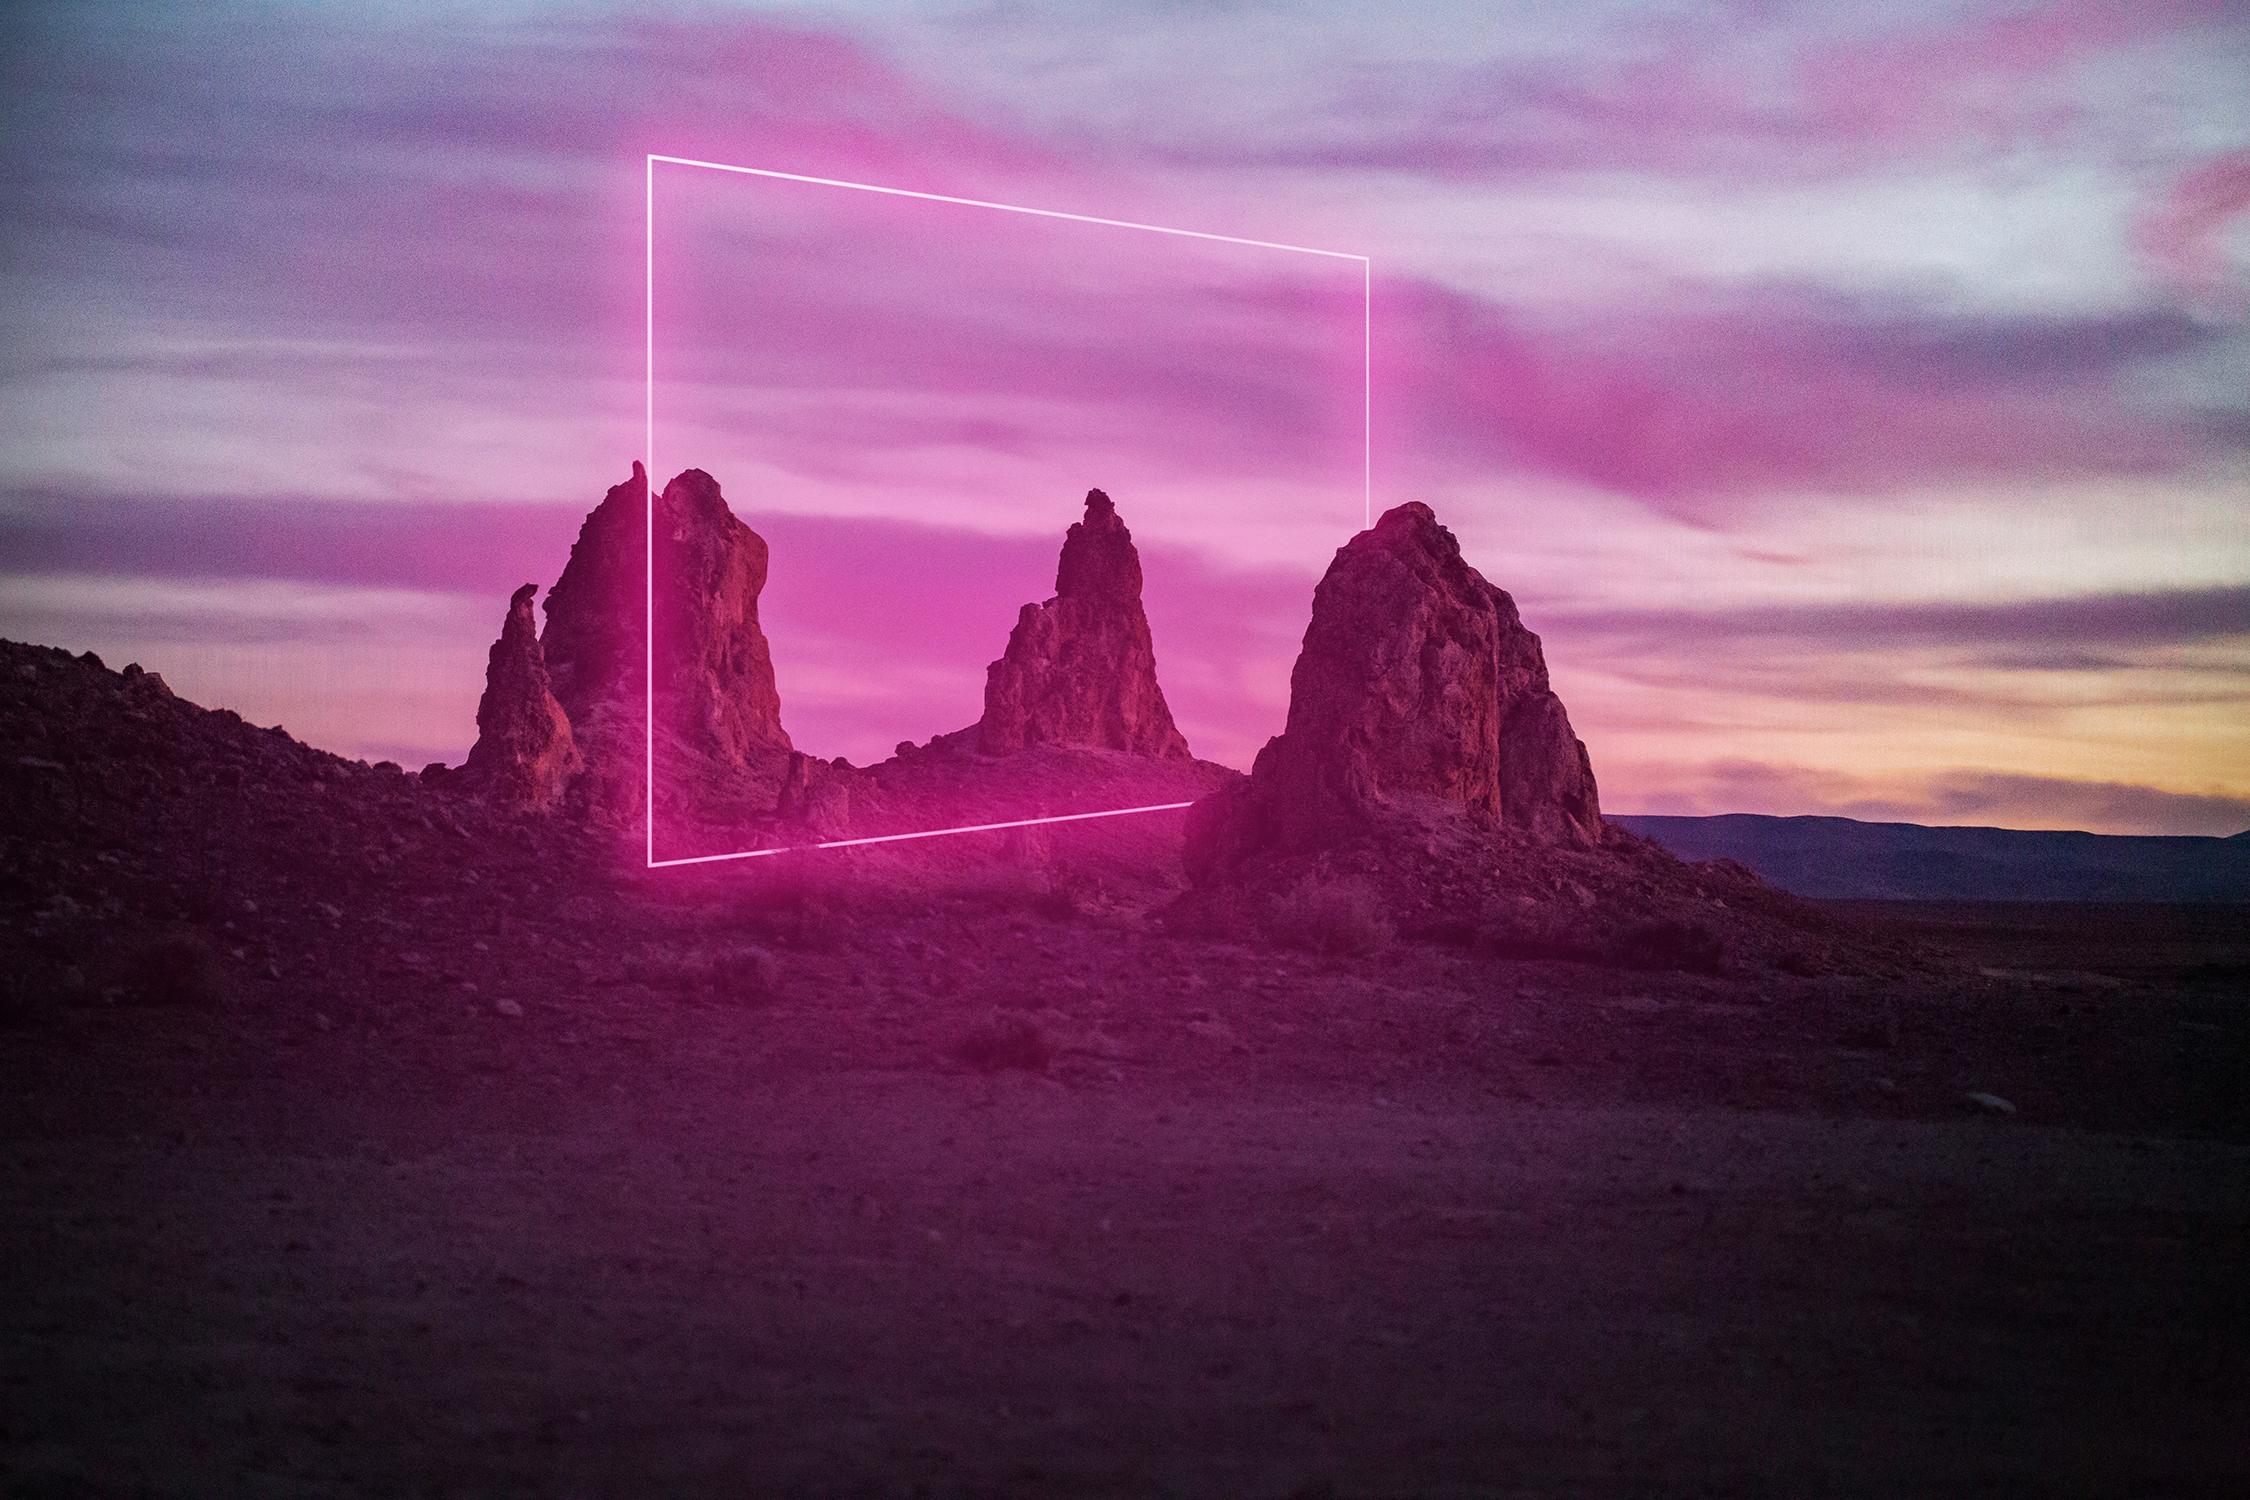 El Libro Amarillo Tendencias de Color Primavera 2021 Pastel-Neón portal galactico en el desierto